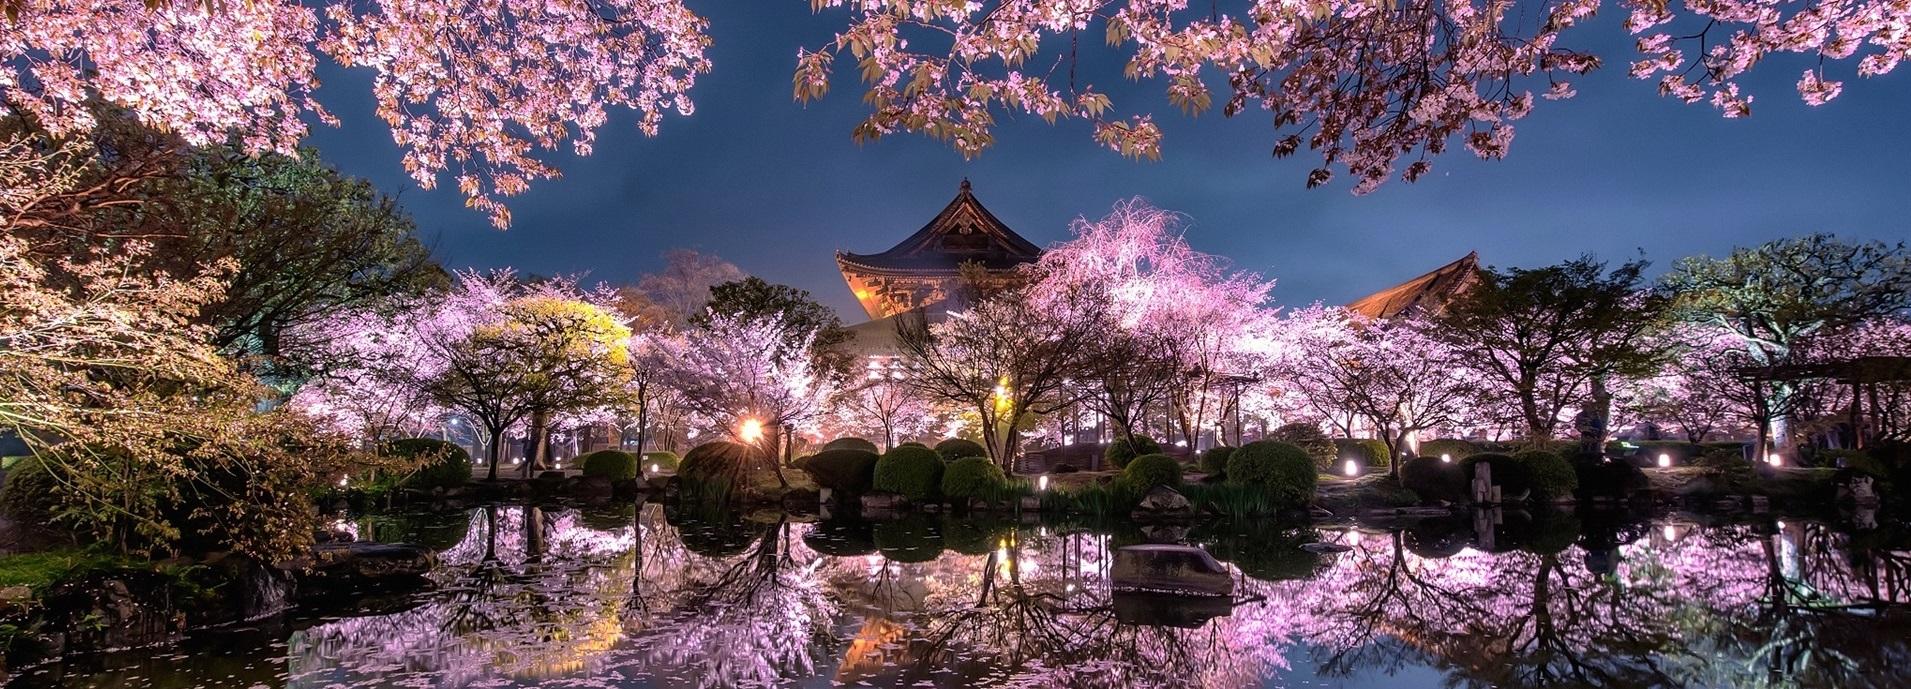 Bajo los cerezos en flor…